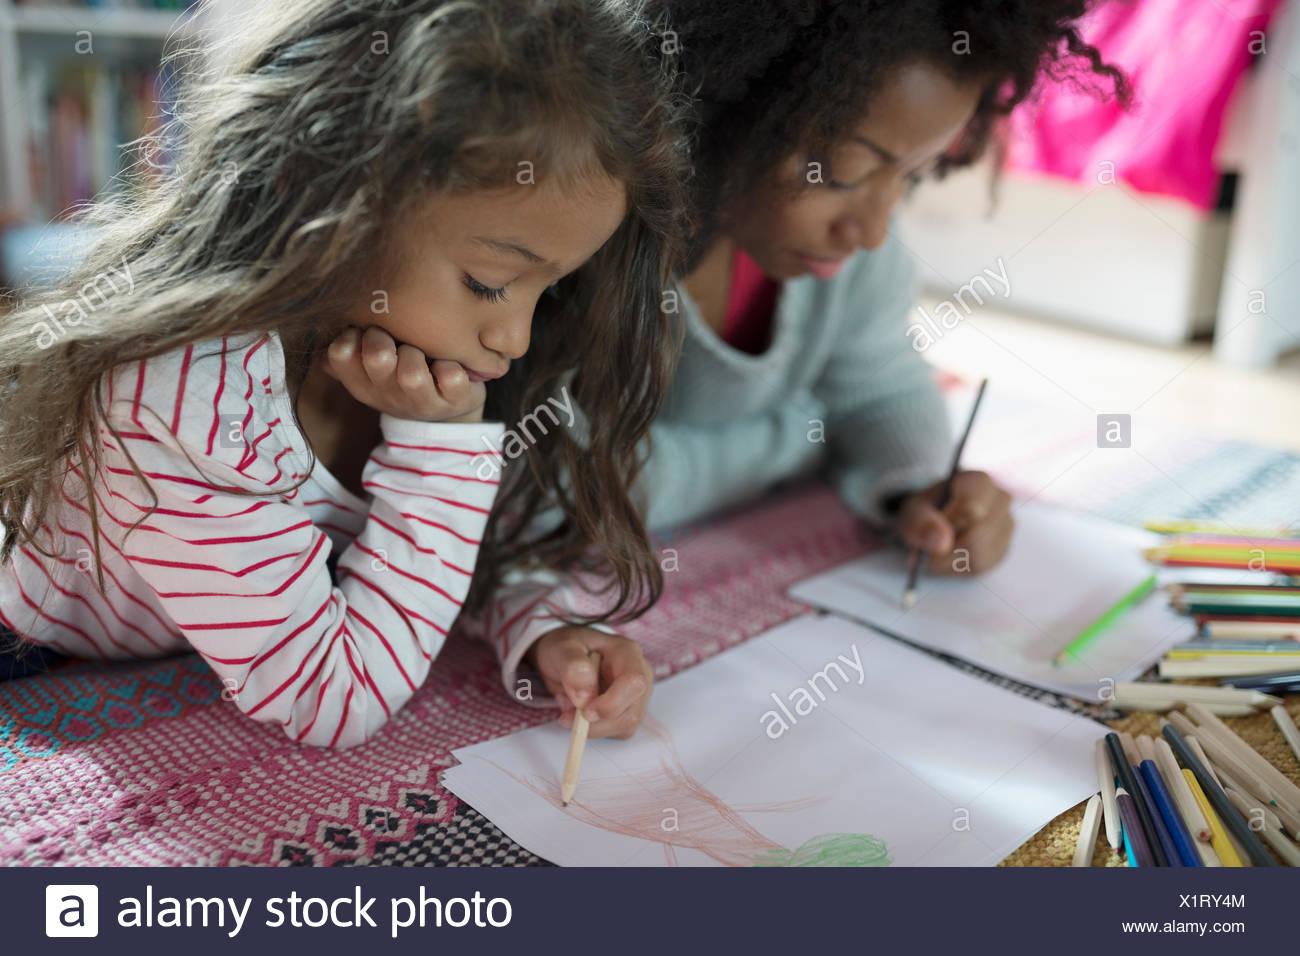 Madre e figlia di Disegno con matite colorate su rug Immagini Stock